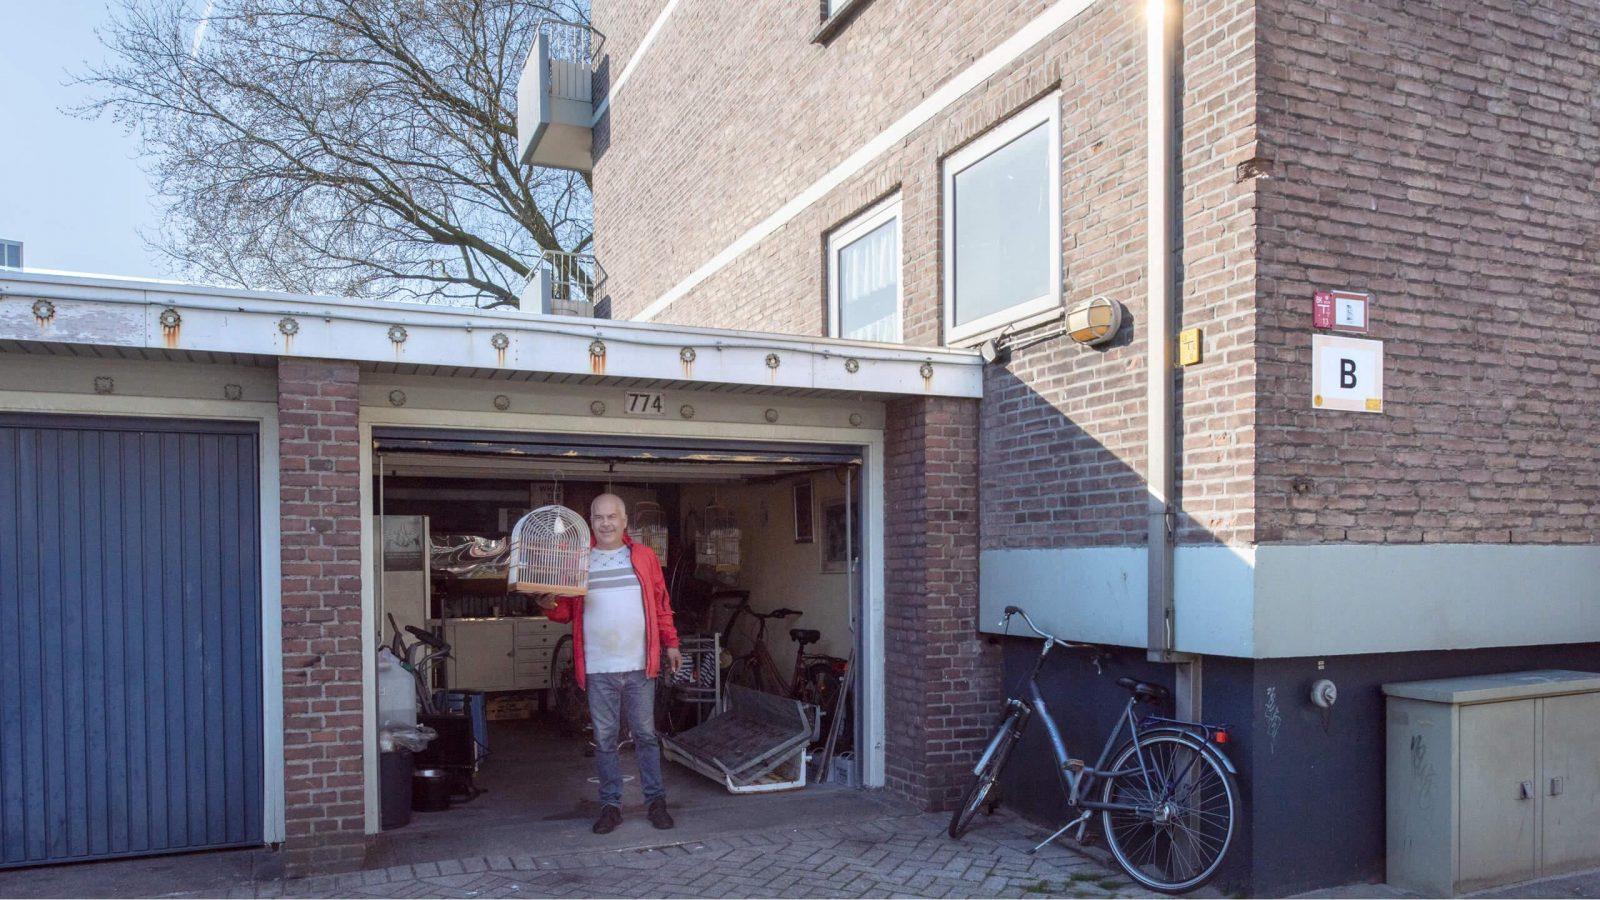 2021 Marlies Lageweg SPWR gijsinglaan6